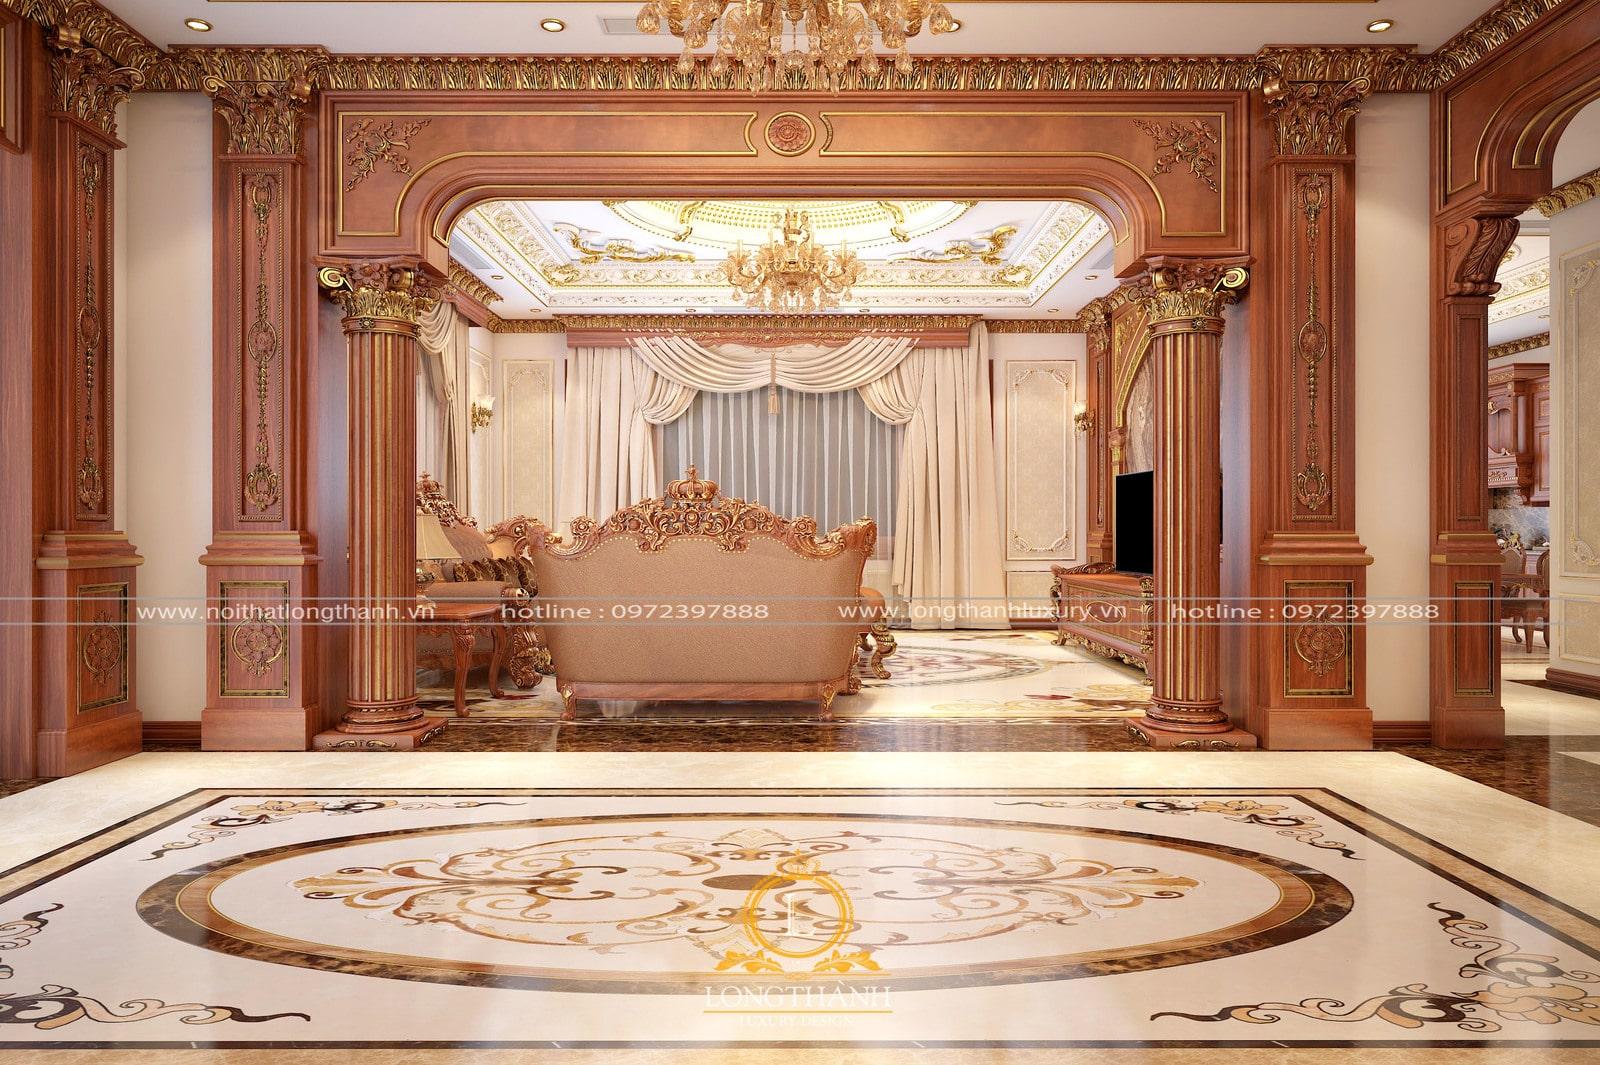 Dù nhìntrước hay nhìn sau thì bộ sofa tân cổ điển vẫn nổi bần bật giữa không gian